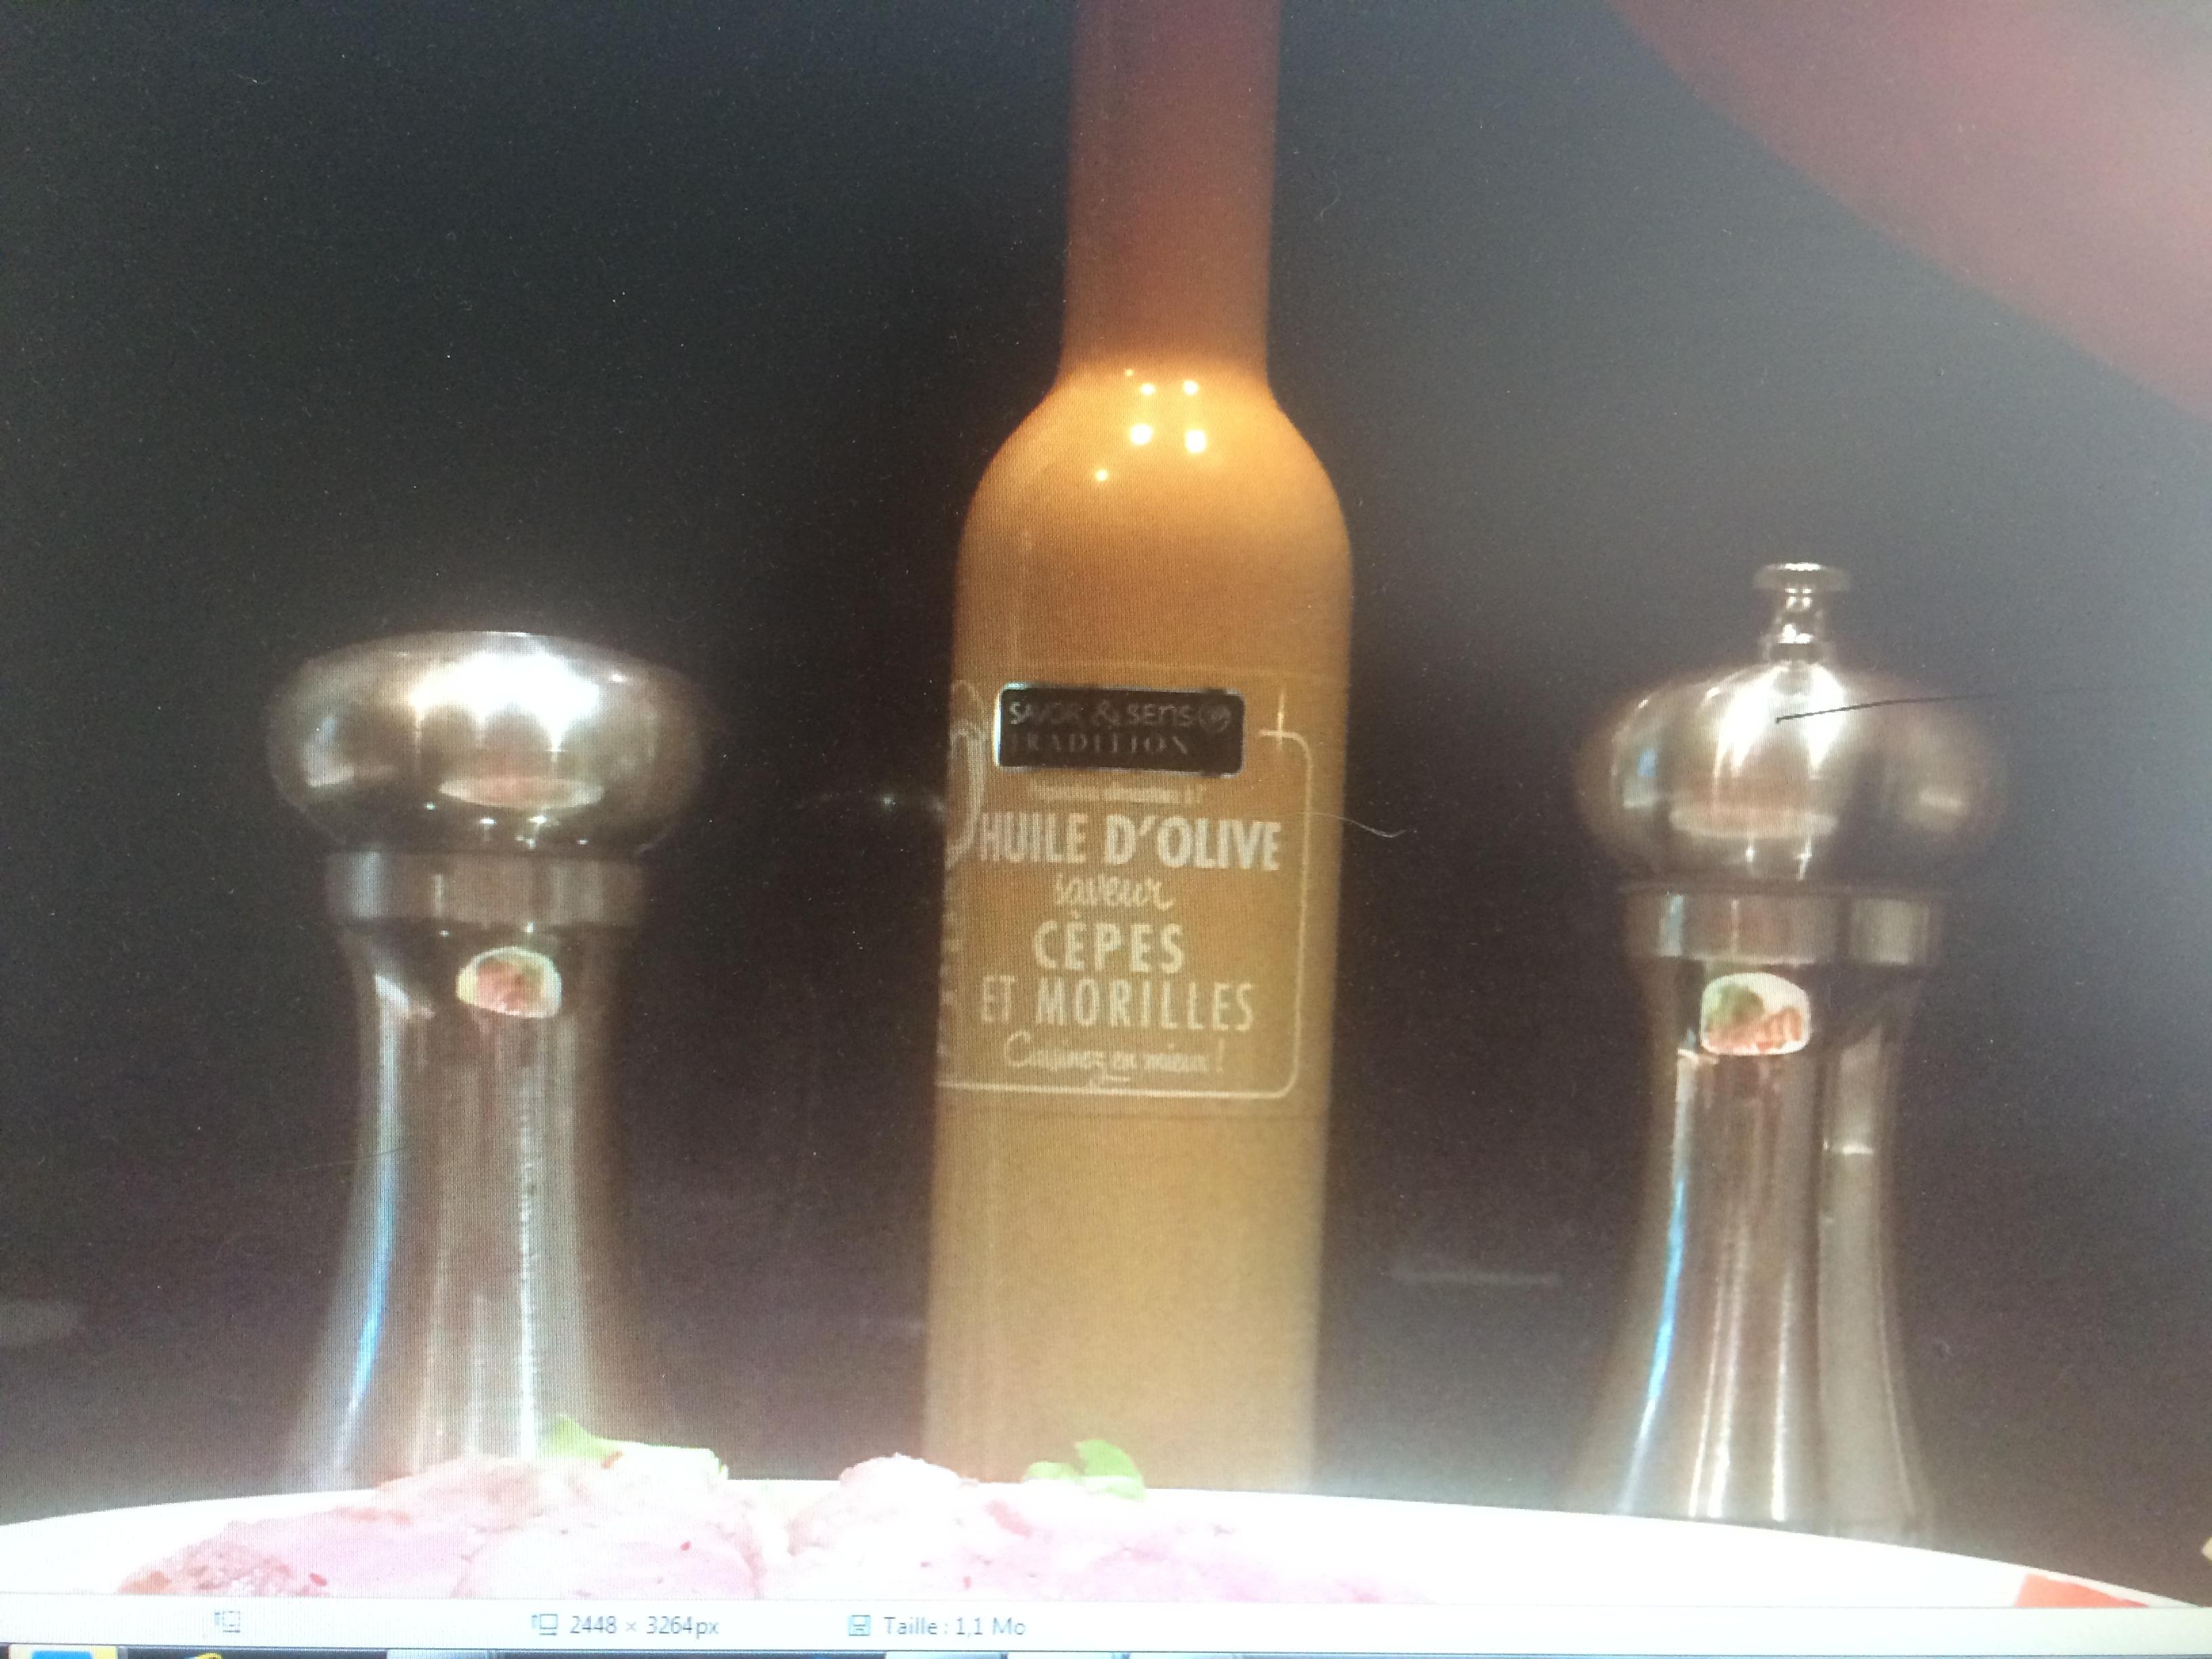 j'ai testé pour vous l'huile d'olive saveur cèpes et morilles